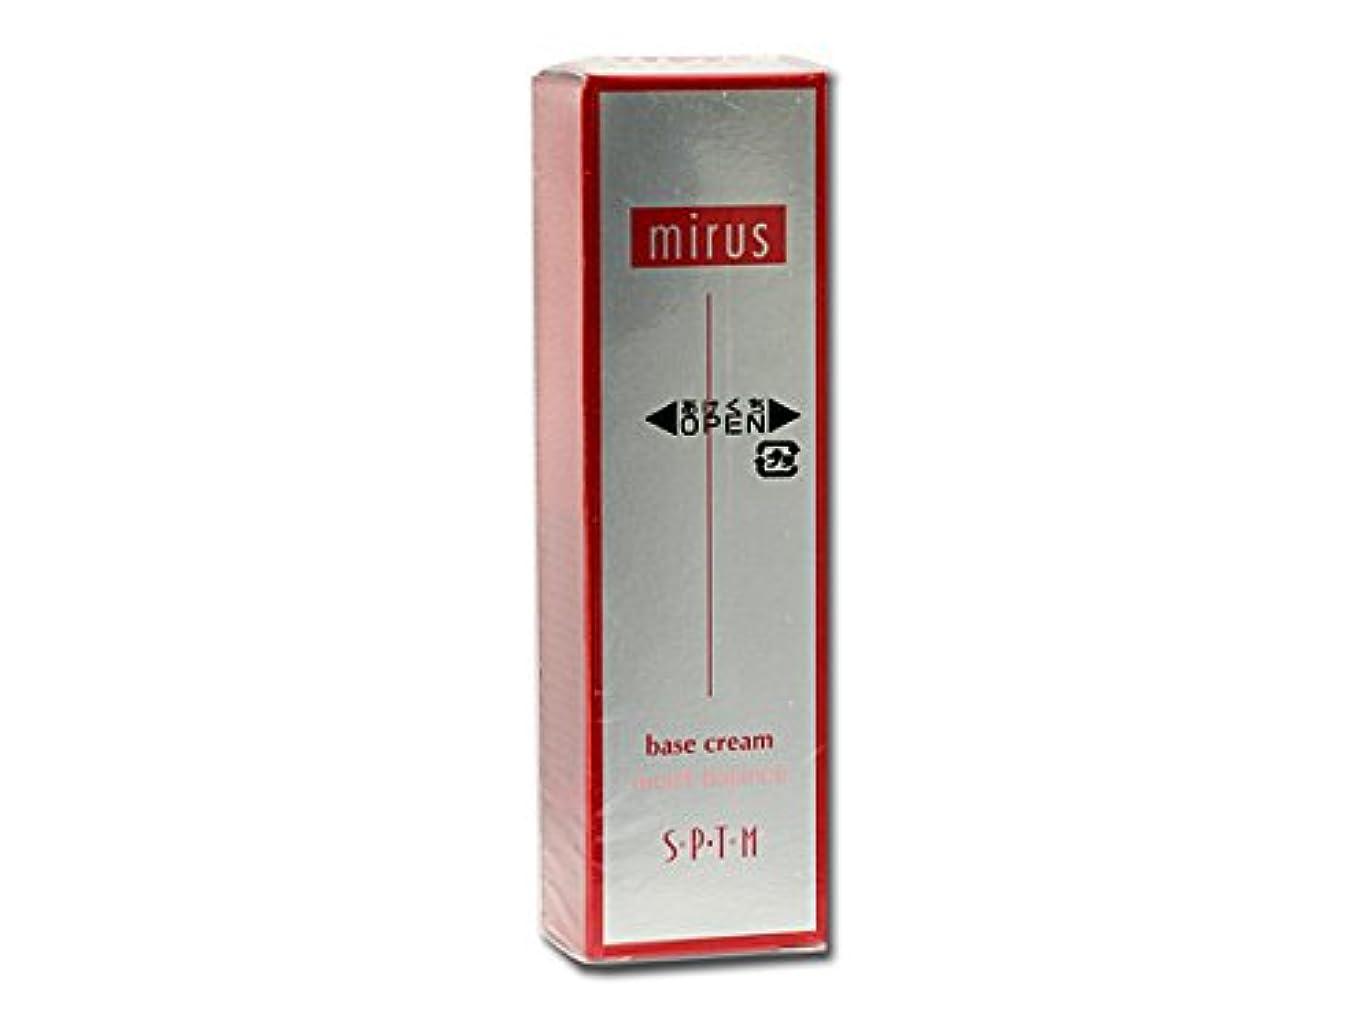 バング等価口述セプテム ミラス ベースクリーム モイストバランス 30g